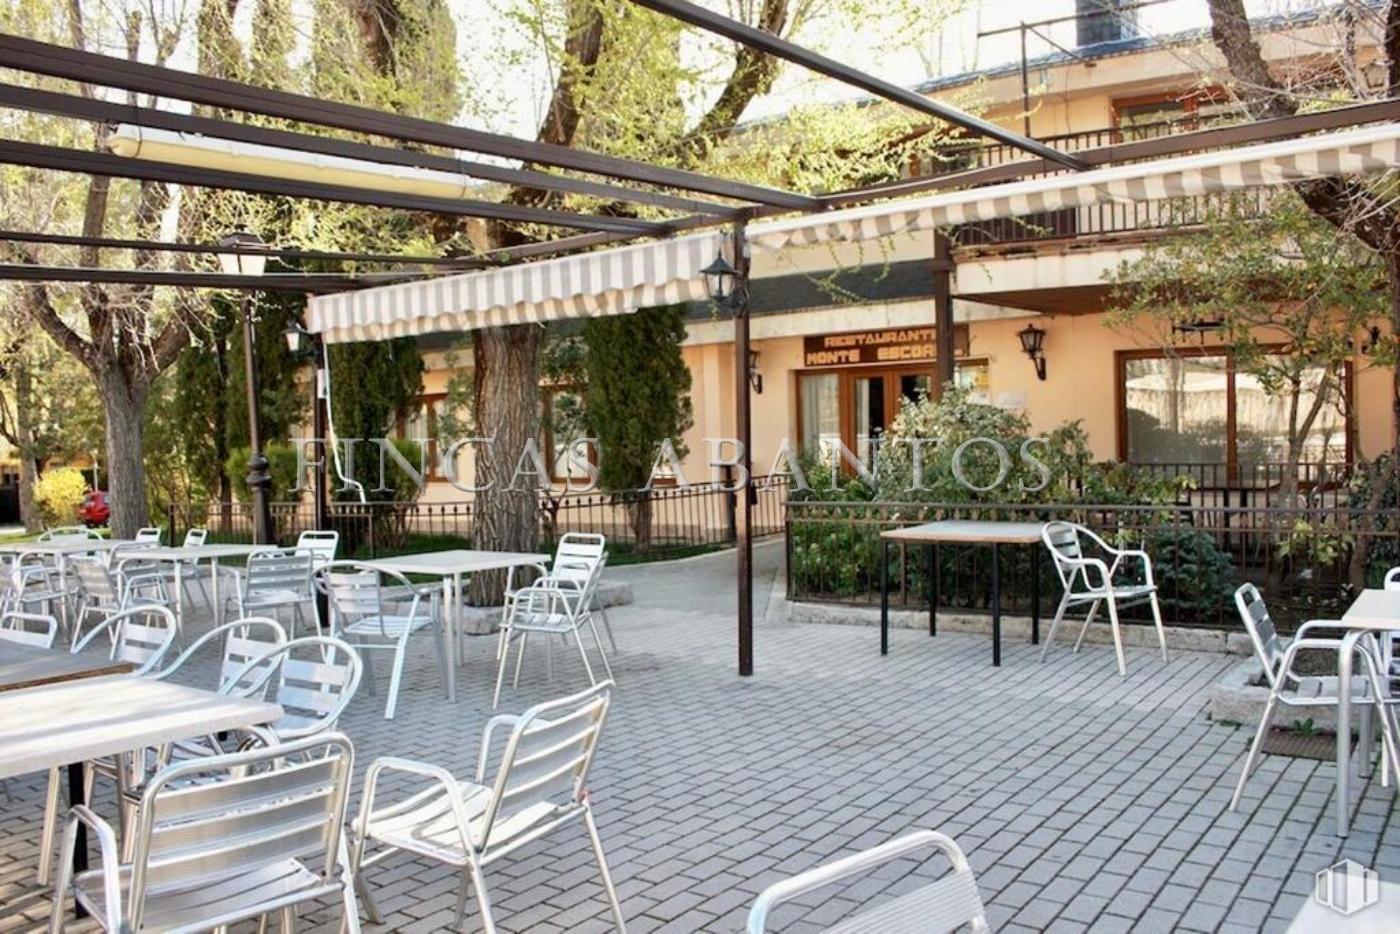 Venta de piso en San Lorenzo de El Escorial